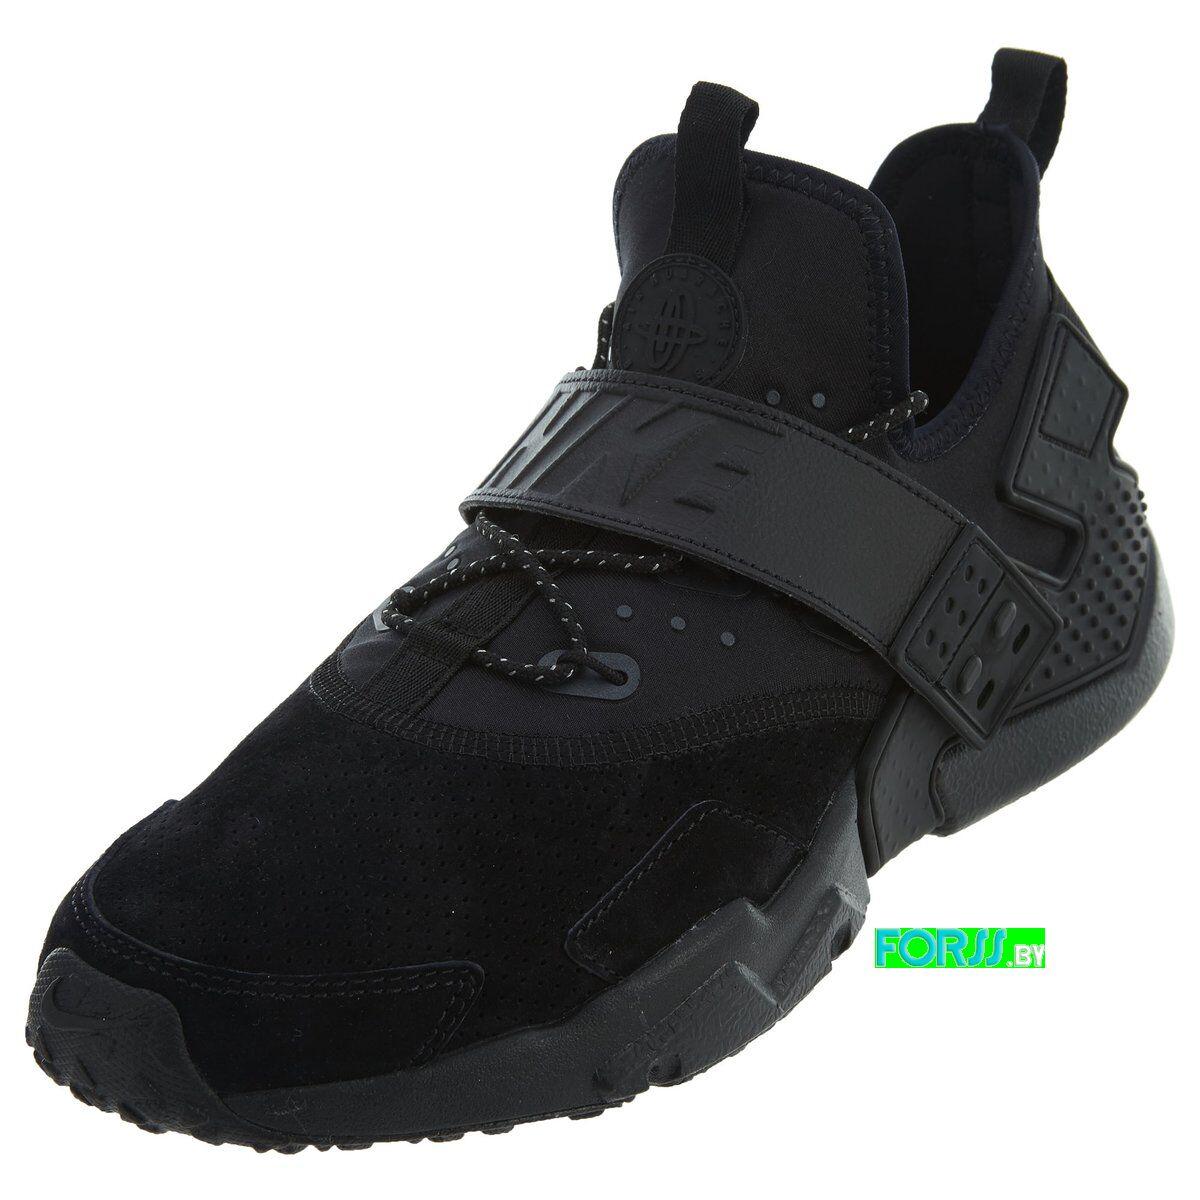 Купить кроссовки Кроссовки Nike Air Huarache Drift PRM AH7335-001 в ... 0d6289a3390